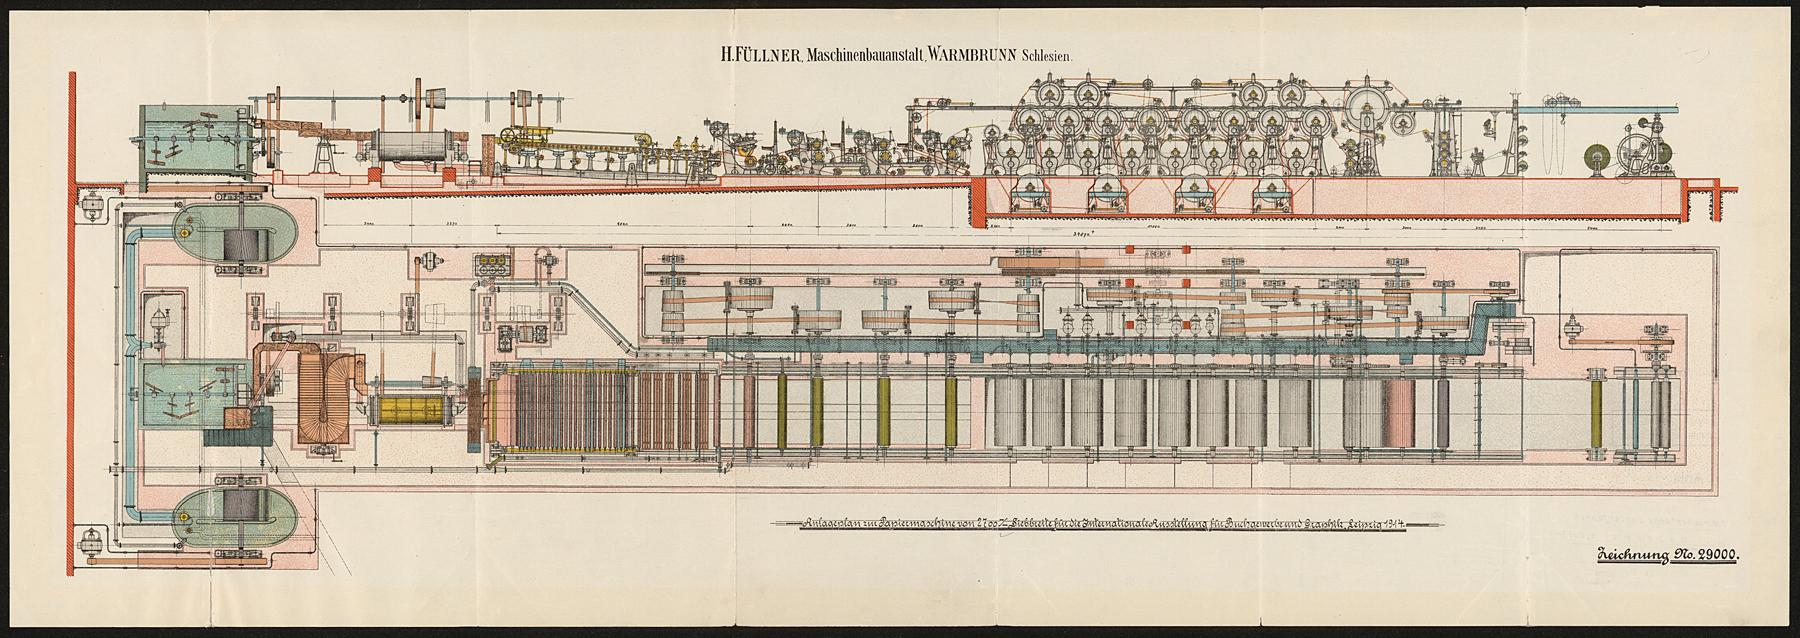 Anlageplan zur Papiermaschine von 2700 mm Siebbreite für die Internationale Ausstellung für Buchgewerbe und Graphik